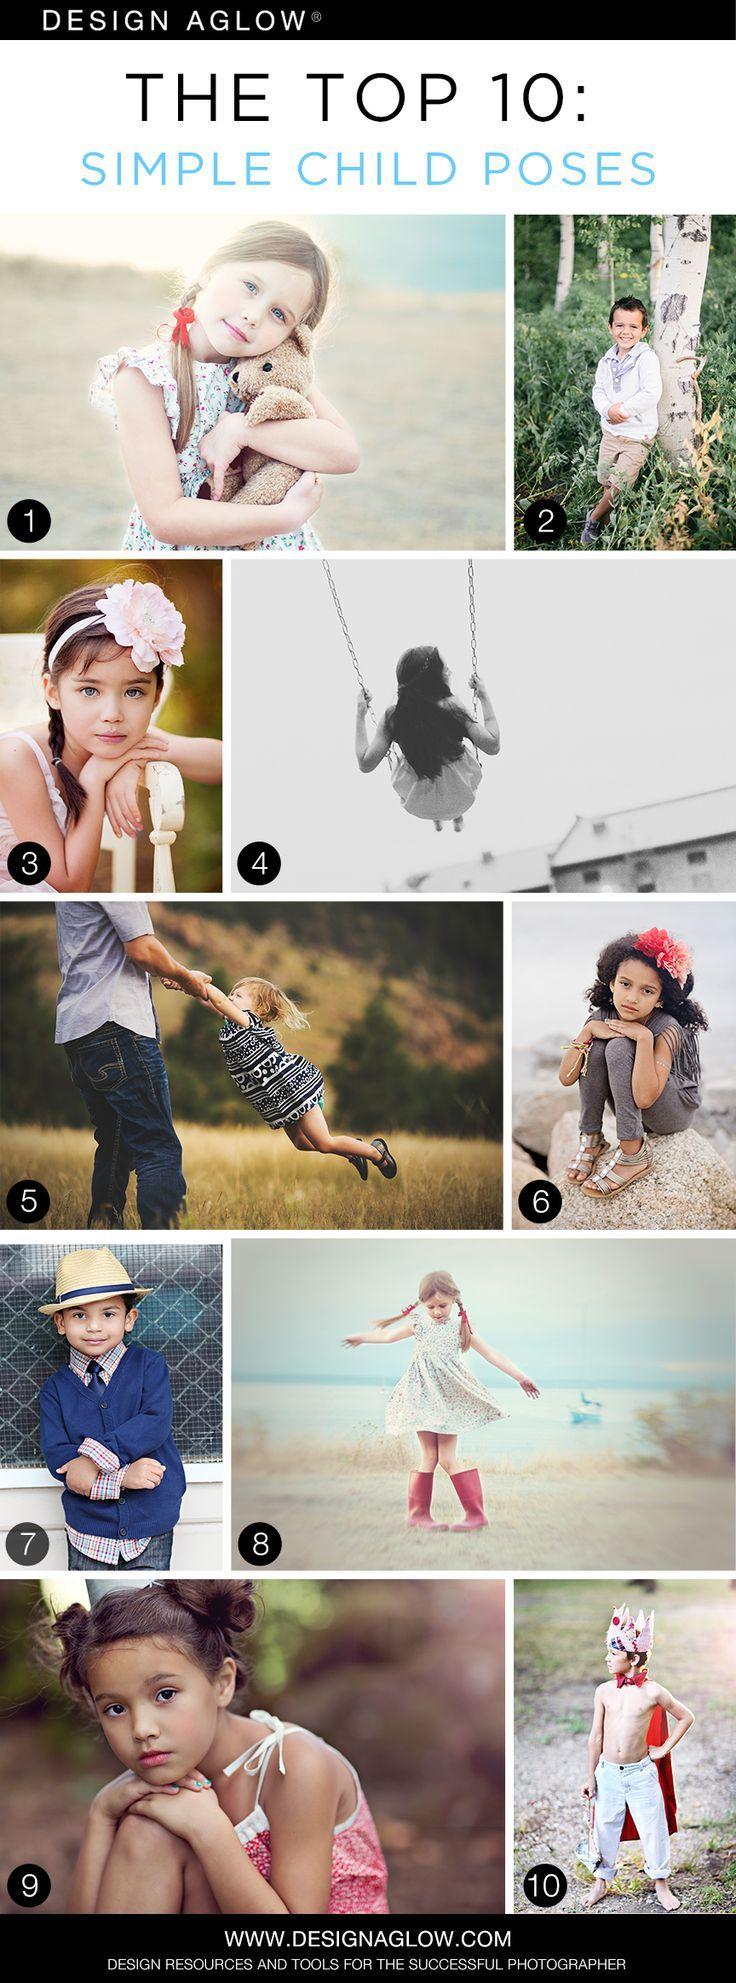 The Top 10: Simple Child Poses #designaglow